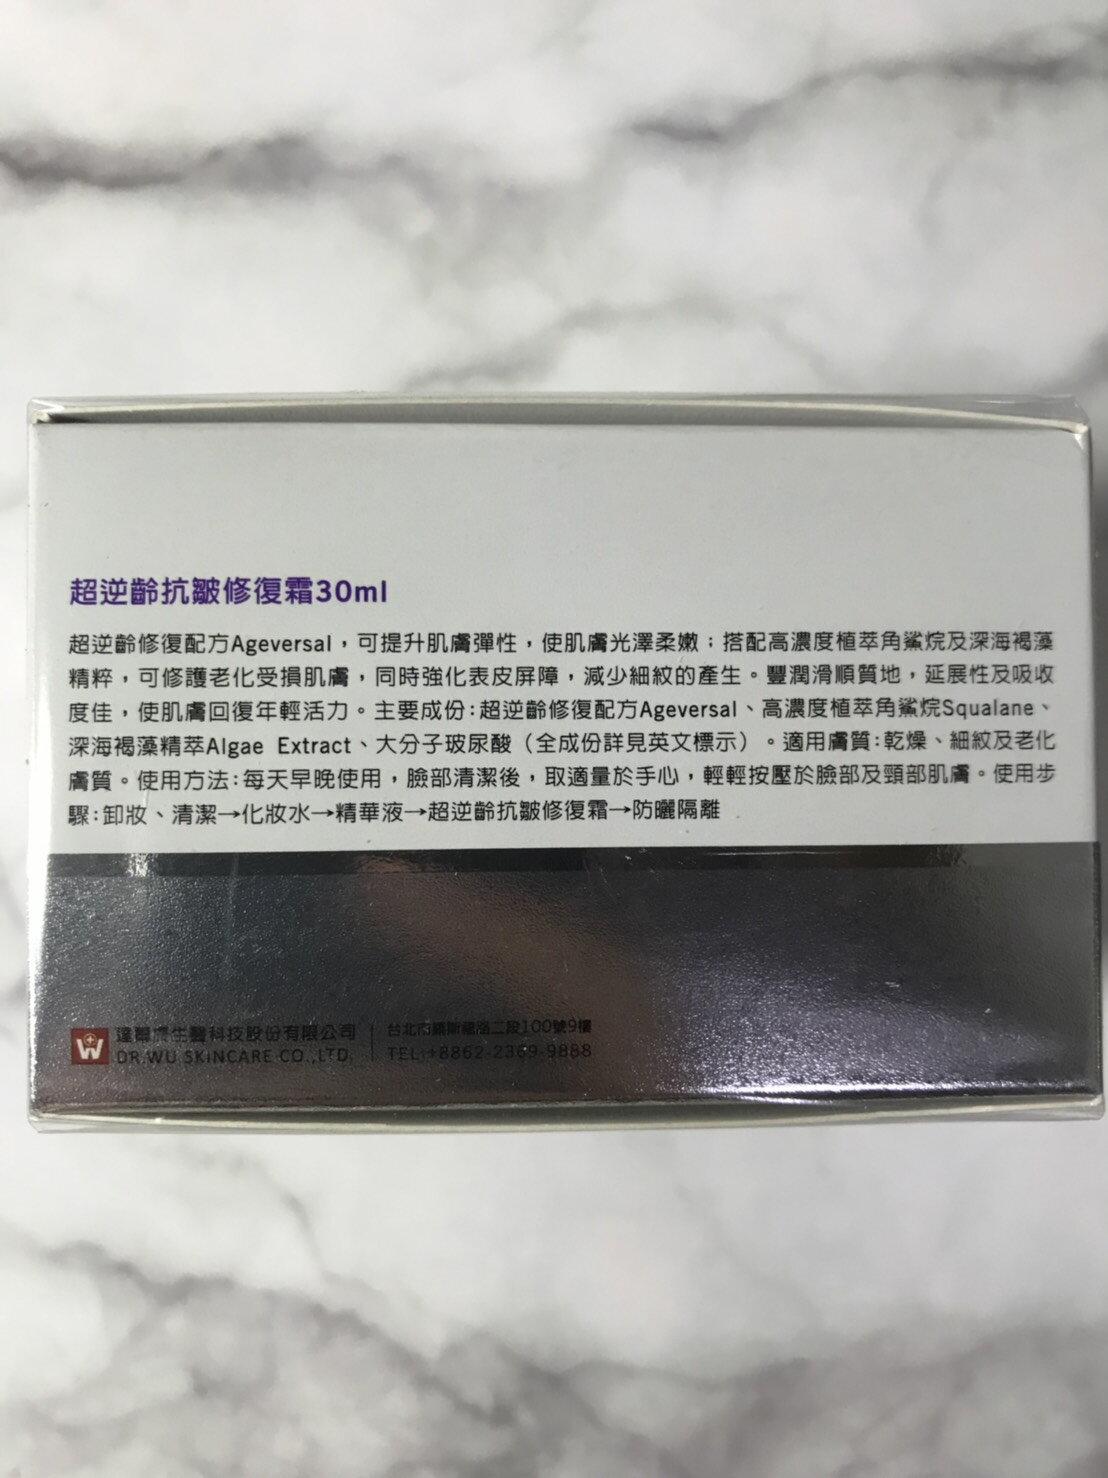 【DR. WU】超逆齡抗皺修復霜30ML 全新封膜 / 效期2021【淨妍美肌】 1